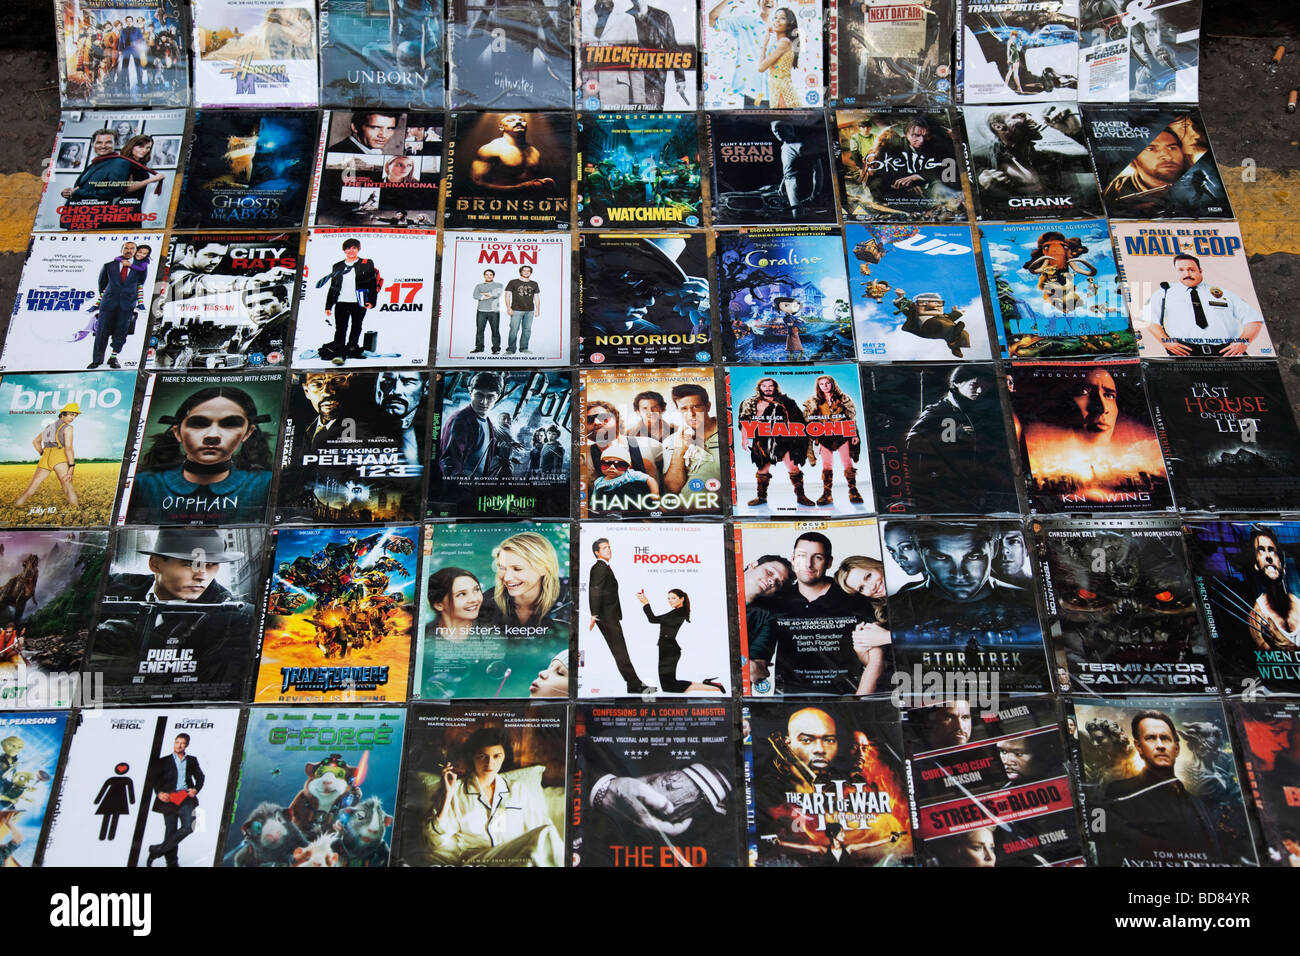 Counterfeit Dvd Stock Photos & Counterfeit Dvd Stock Images - Alamy